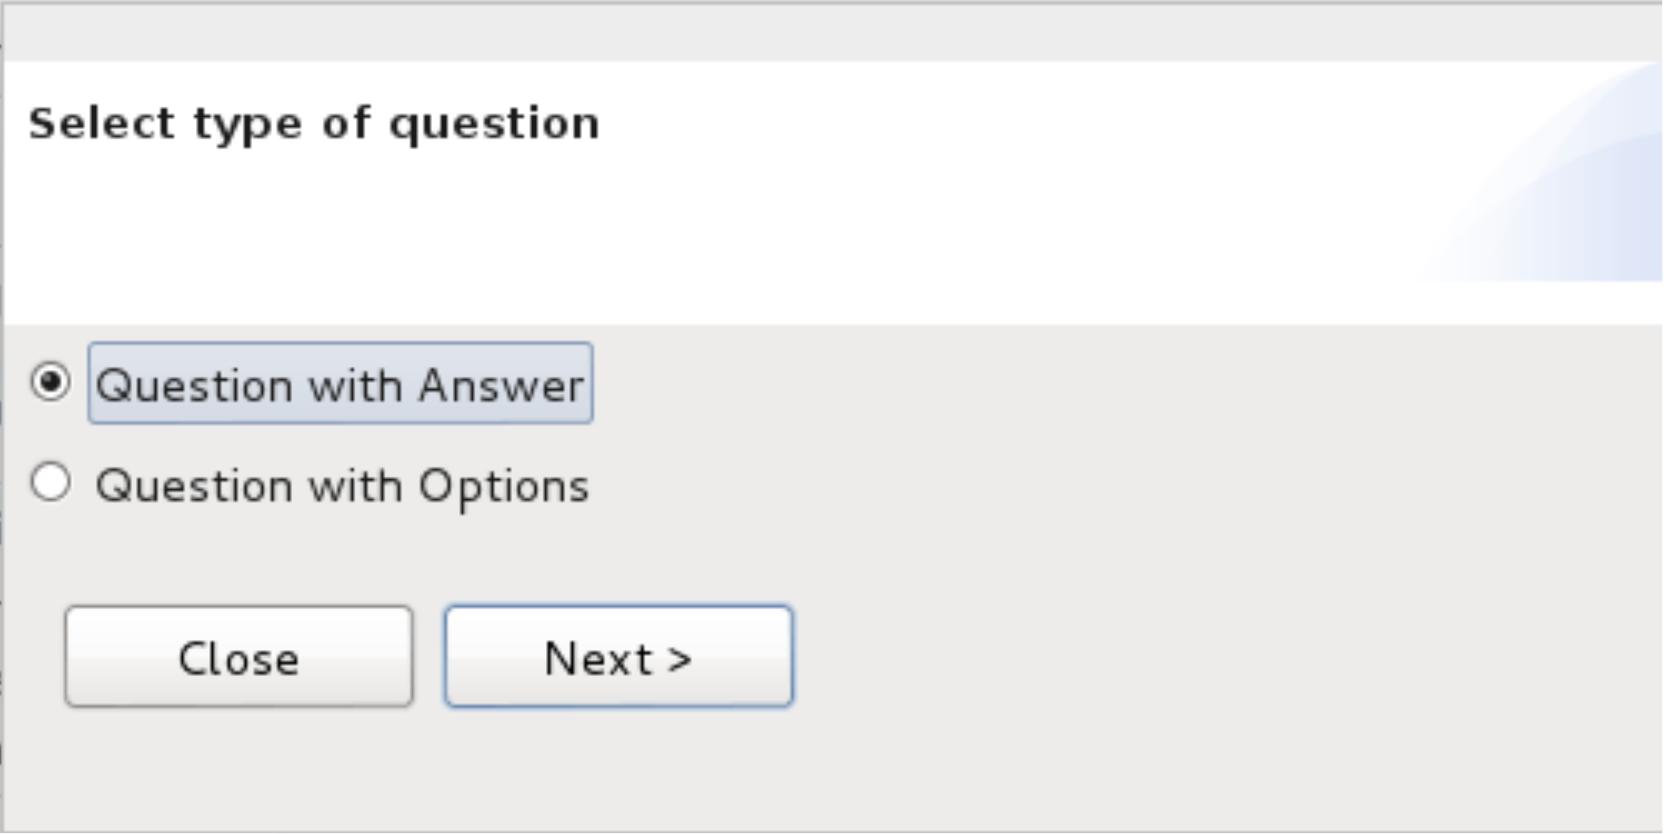 TypeOfQuestion